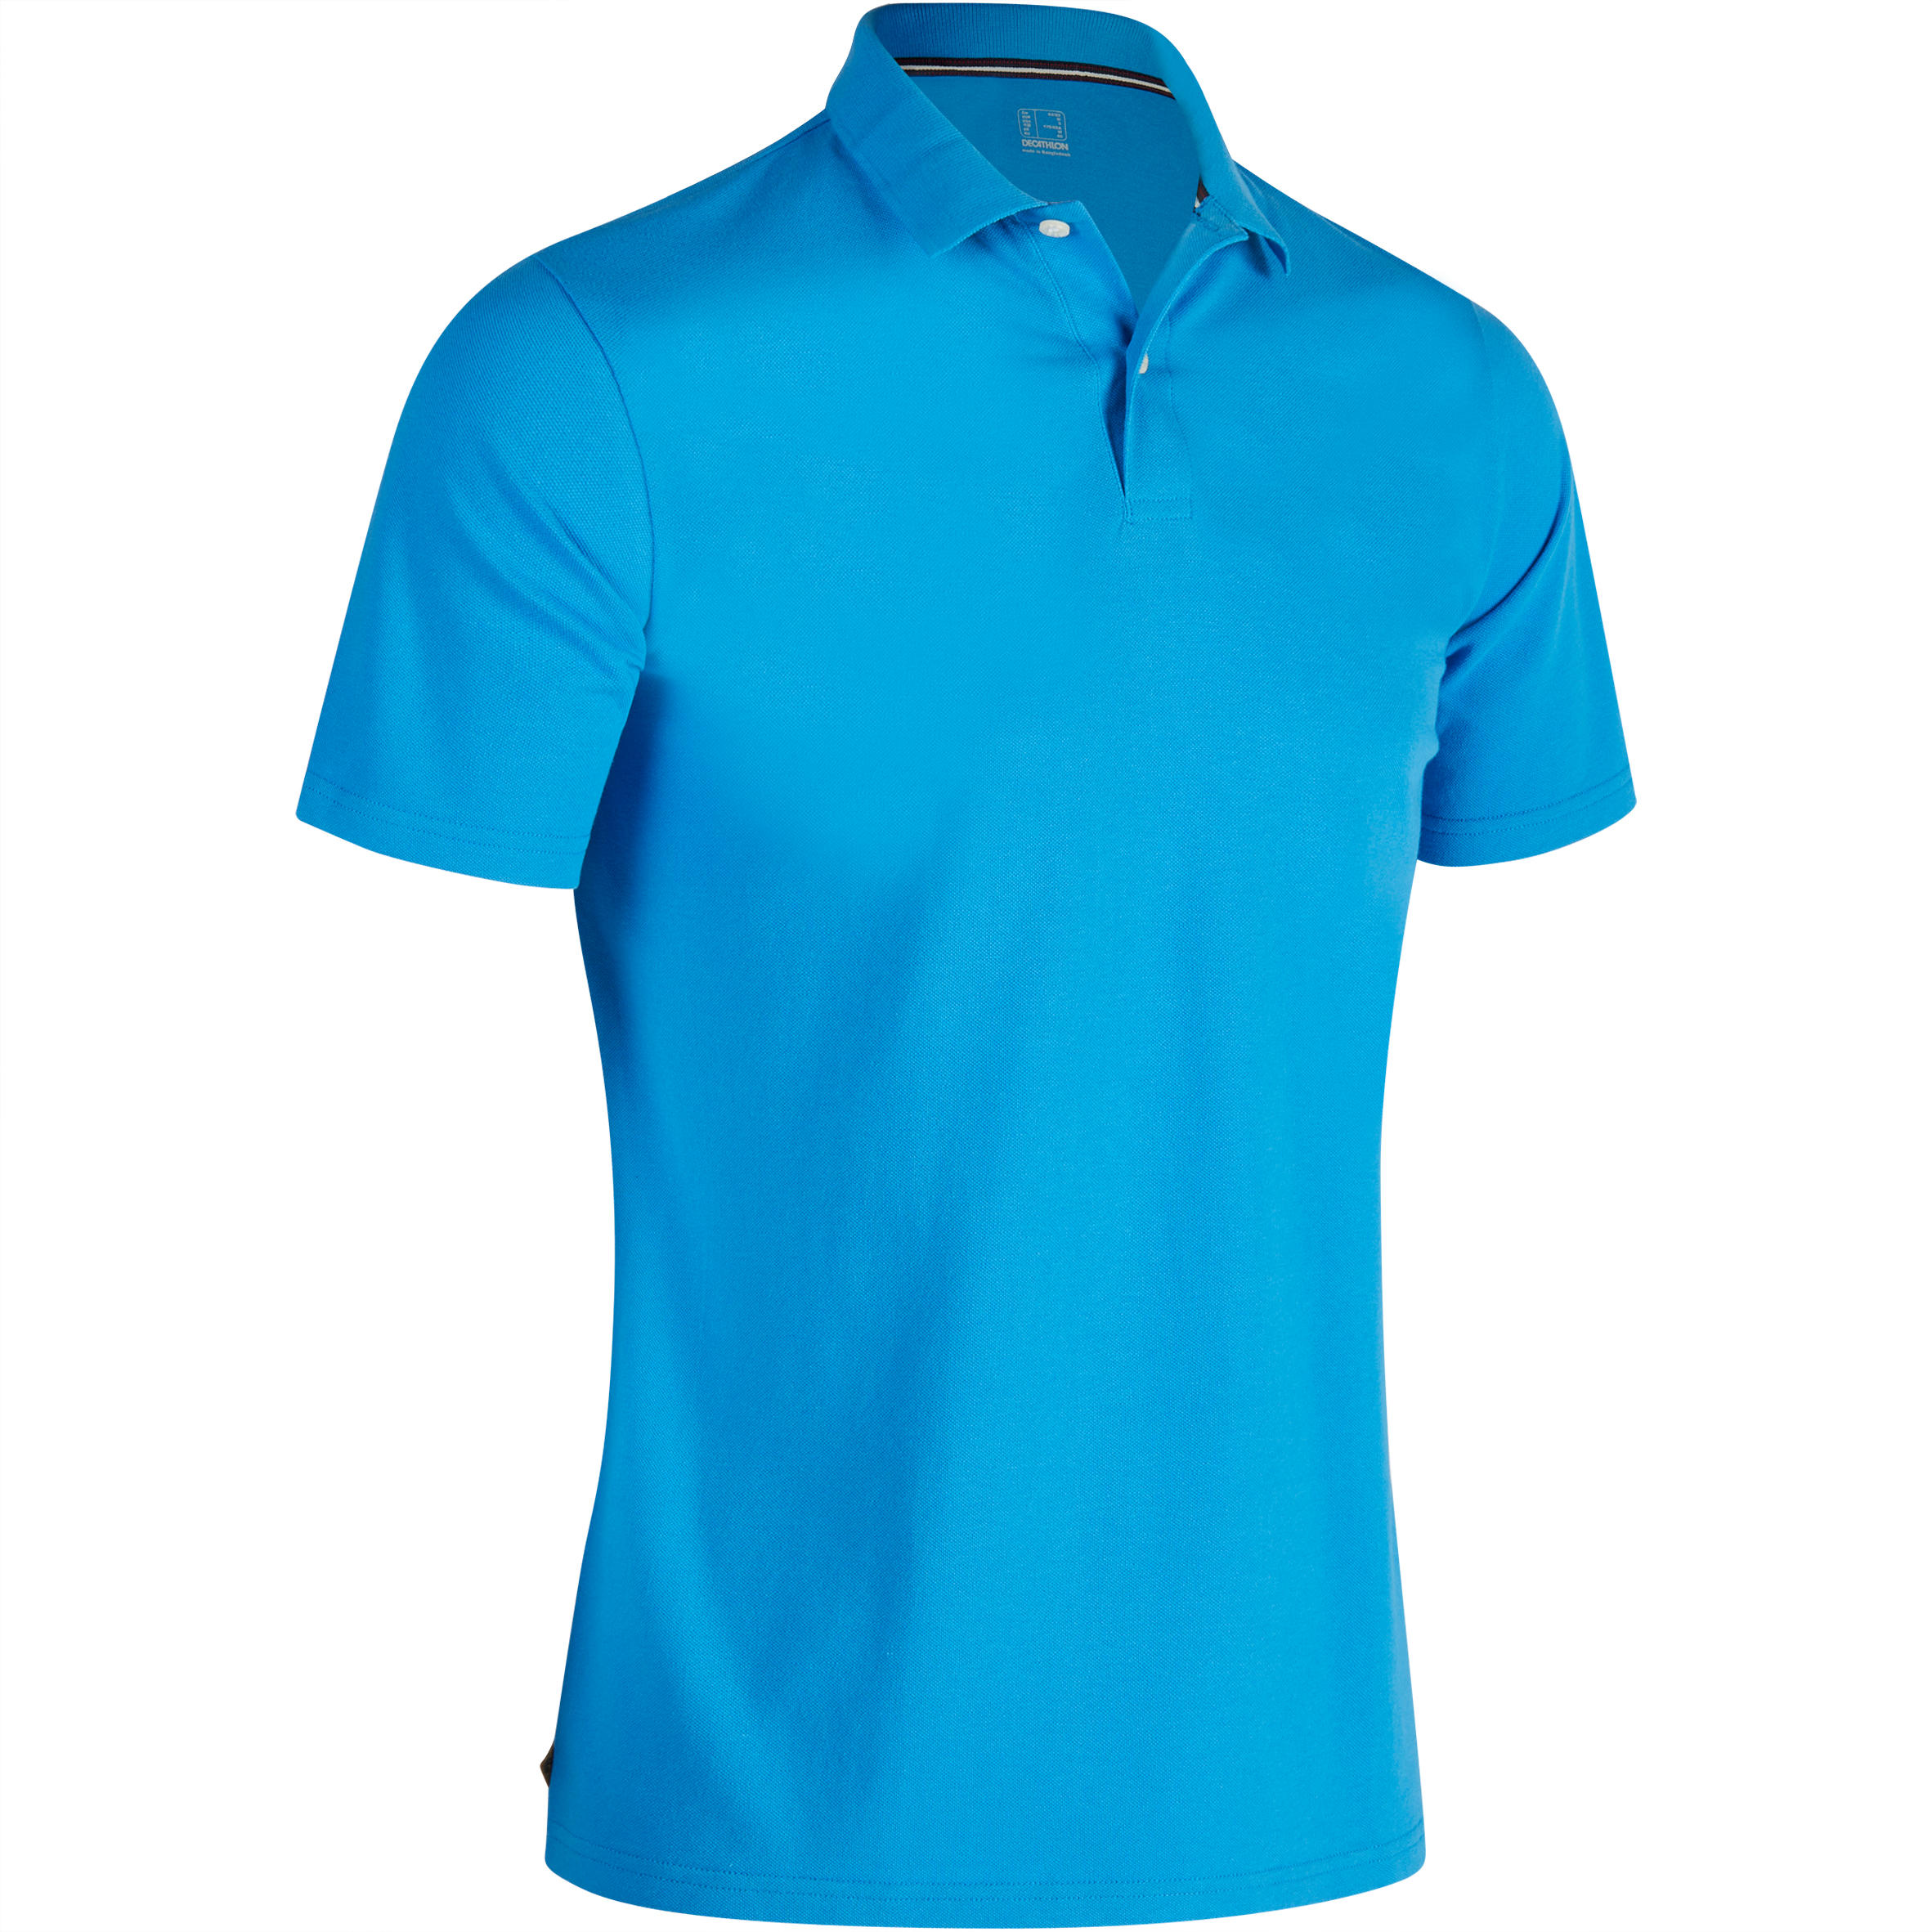 Men's Golf Polo T-Shirt 500 Blue